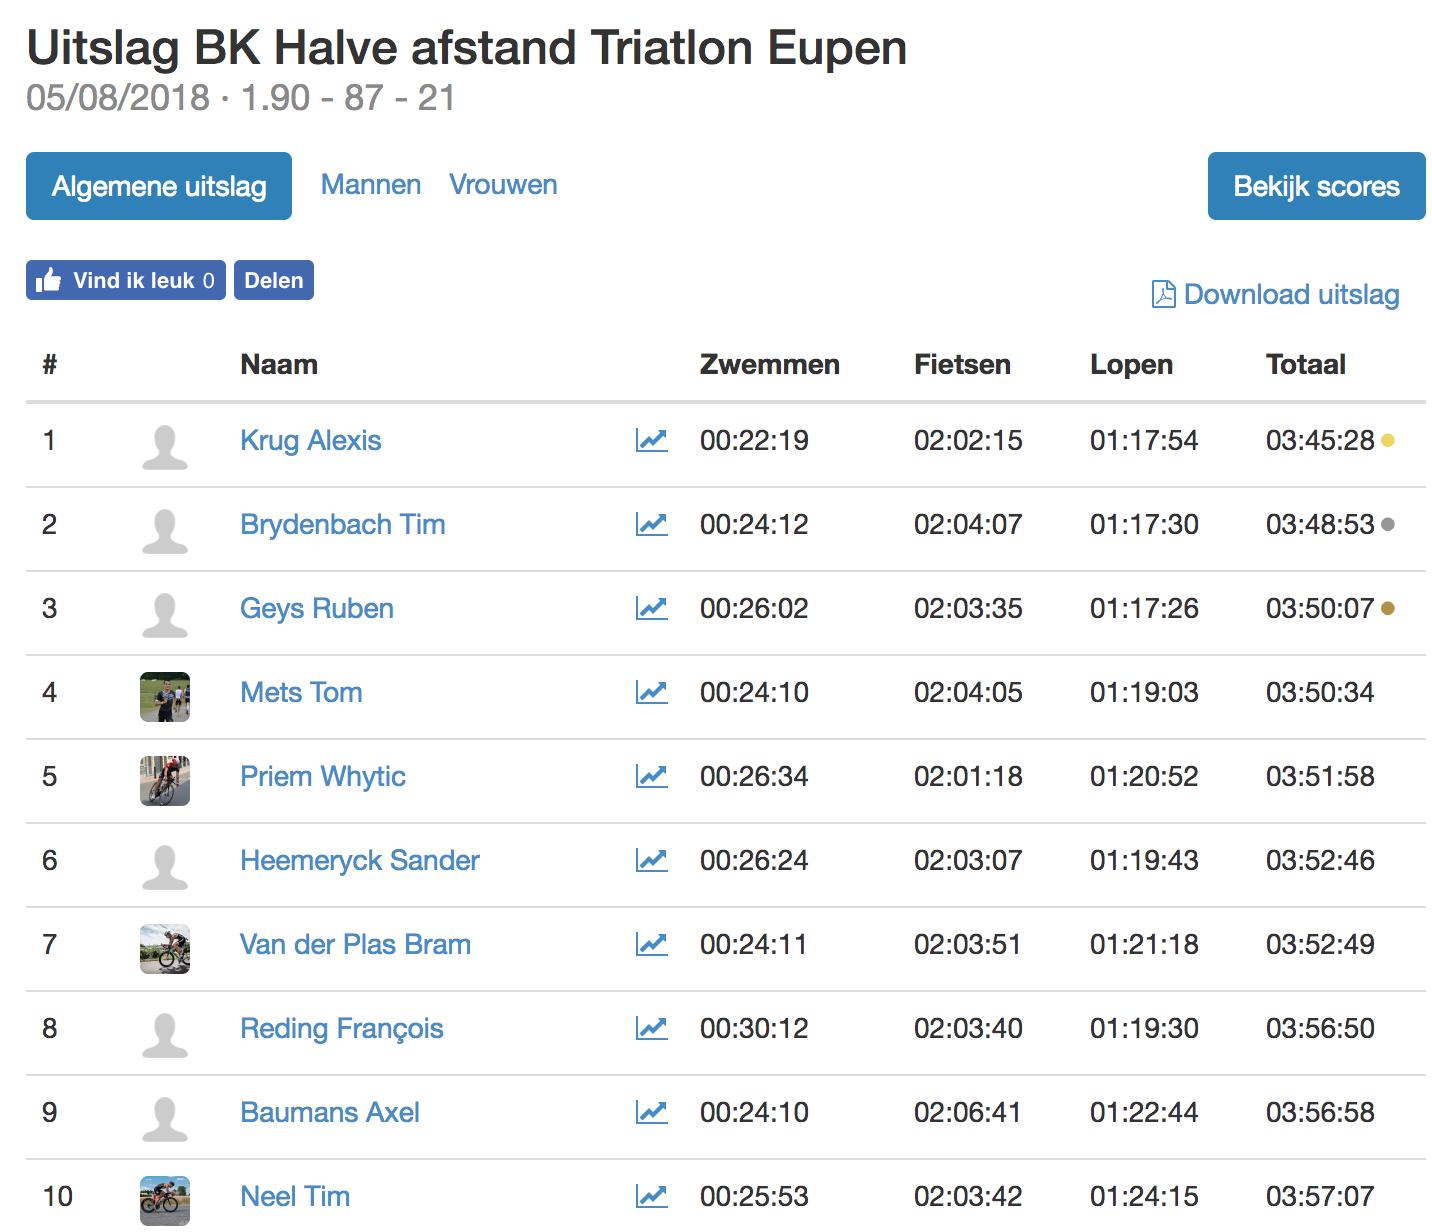 Triatlonwedstrijden be · Uitslag BK Halve afstand Triatlon Eupen 2018